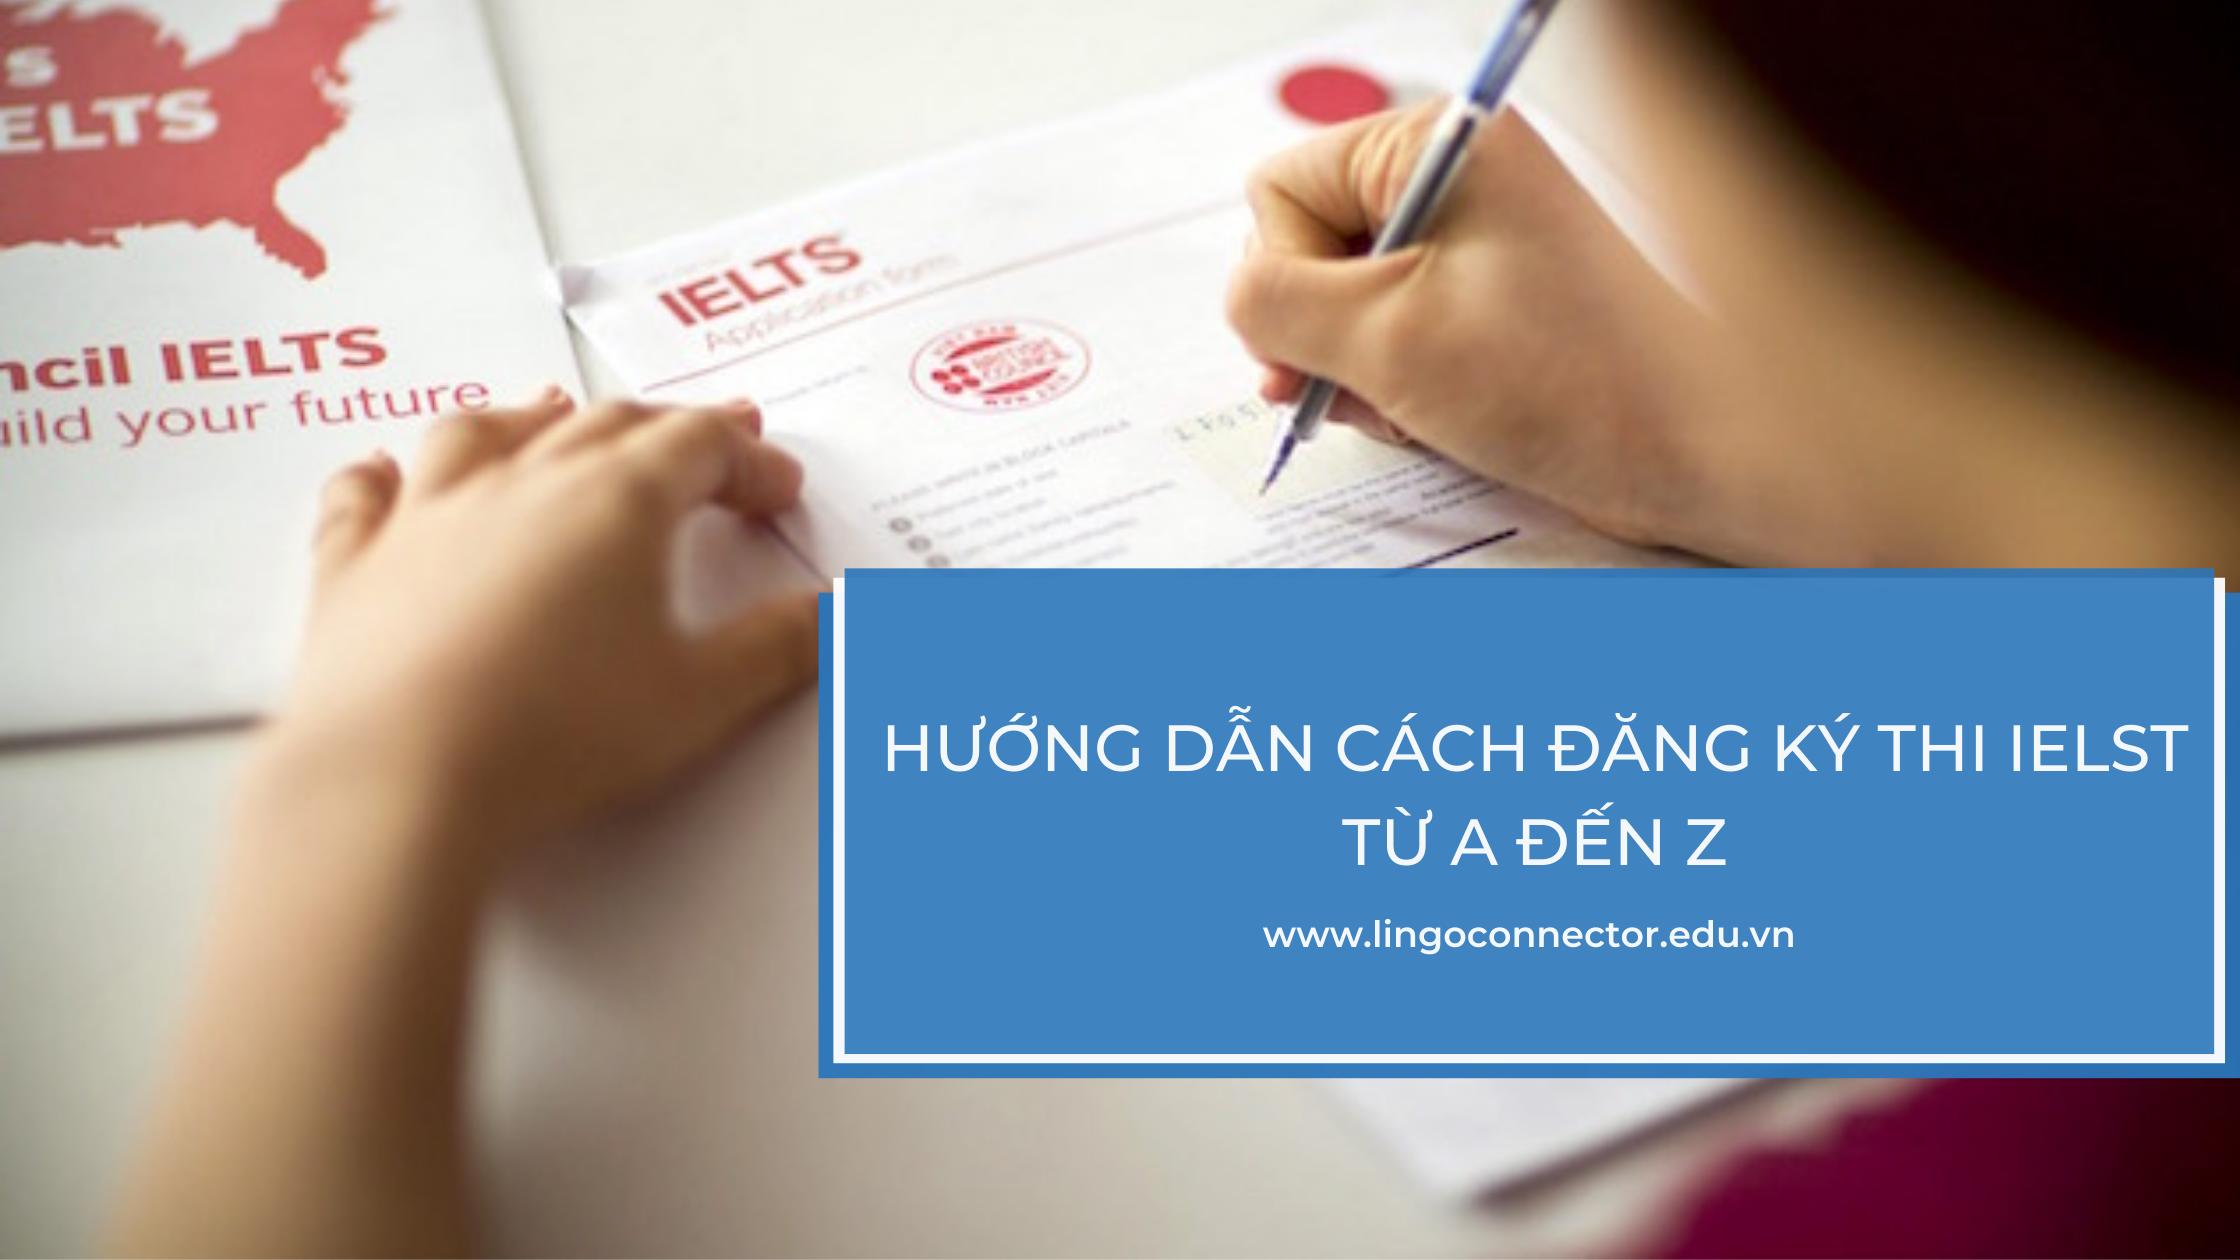 Hướng dẫn cách đăng ký thi IELST từ A đến Z